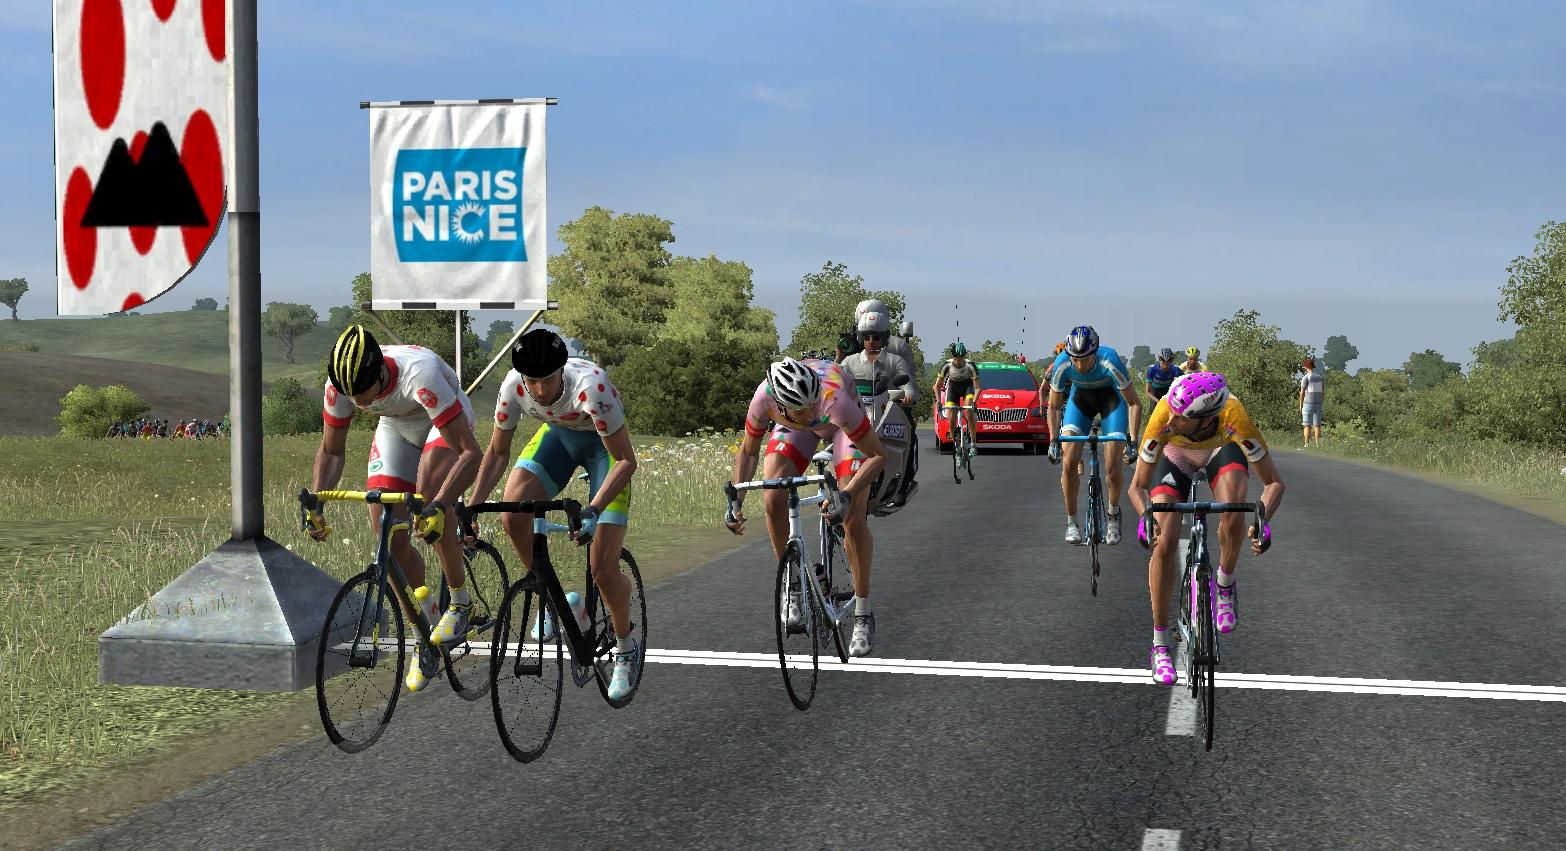 pcmdaily.com/images/mg/2019/Races/PT/PN/pn5-2.jpg